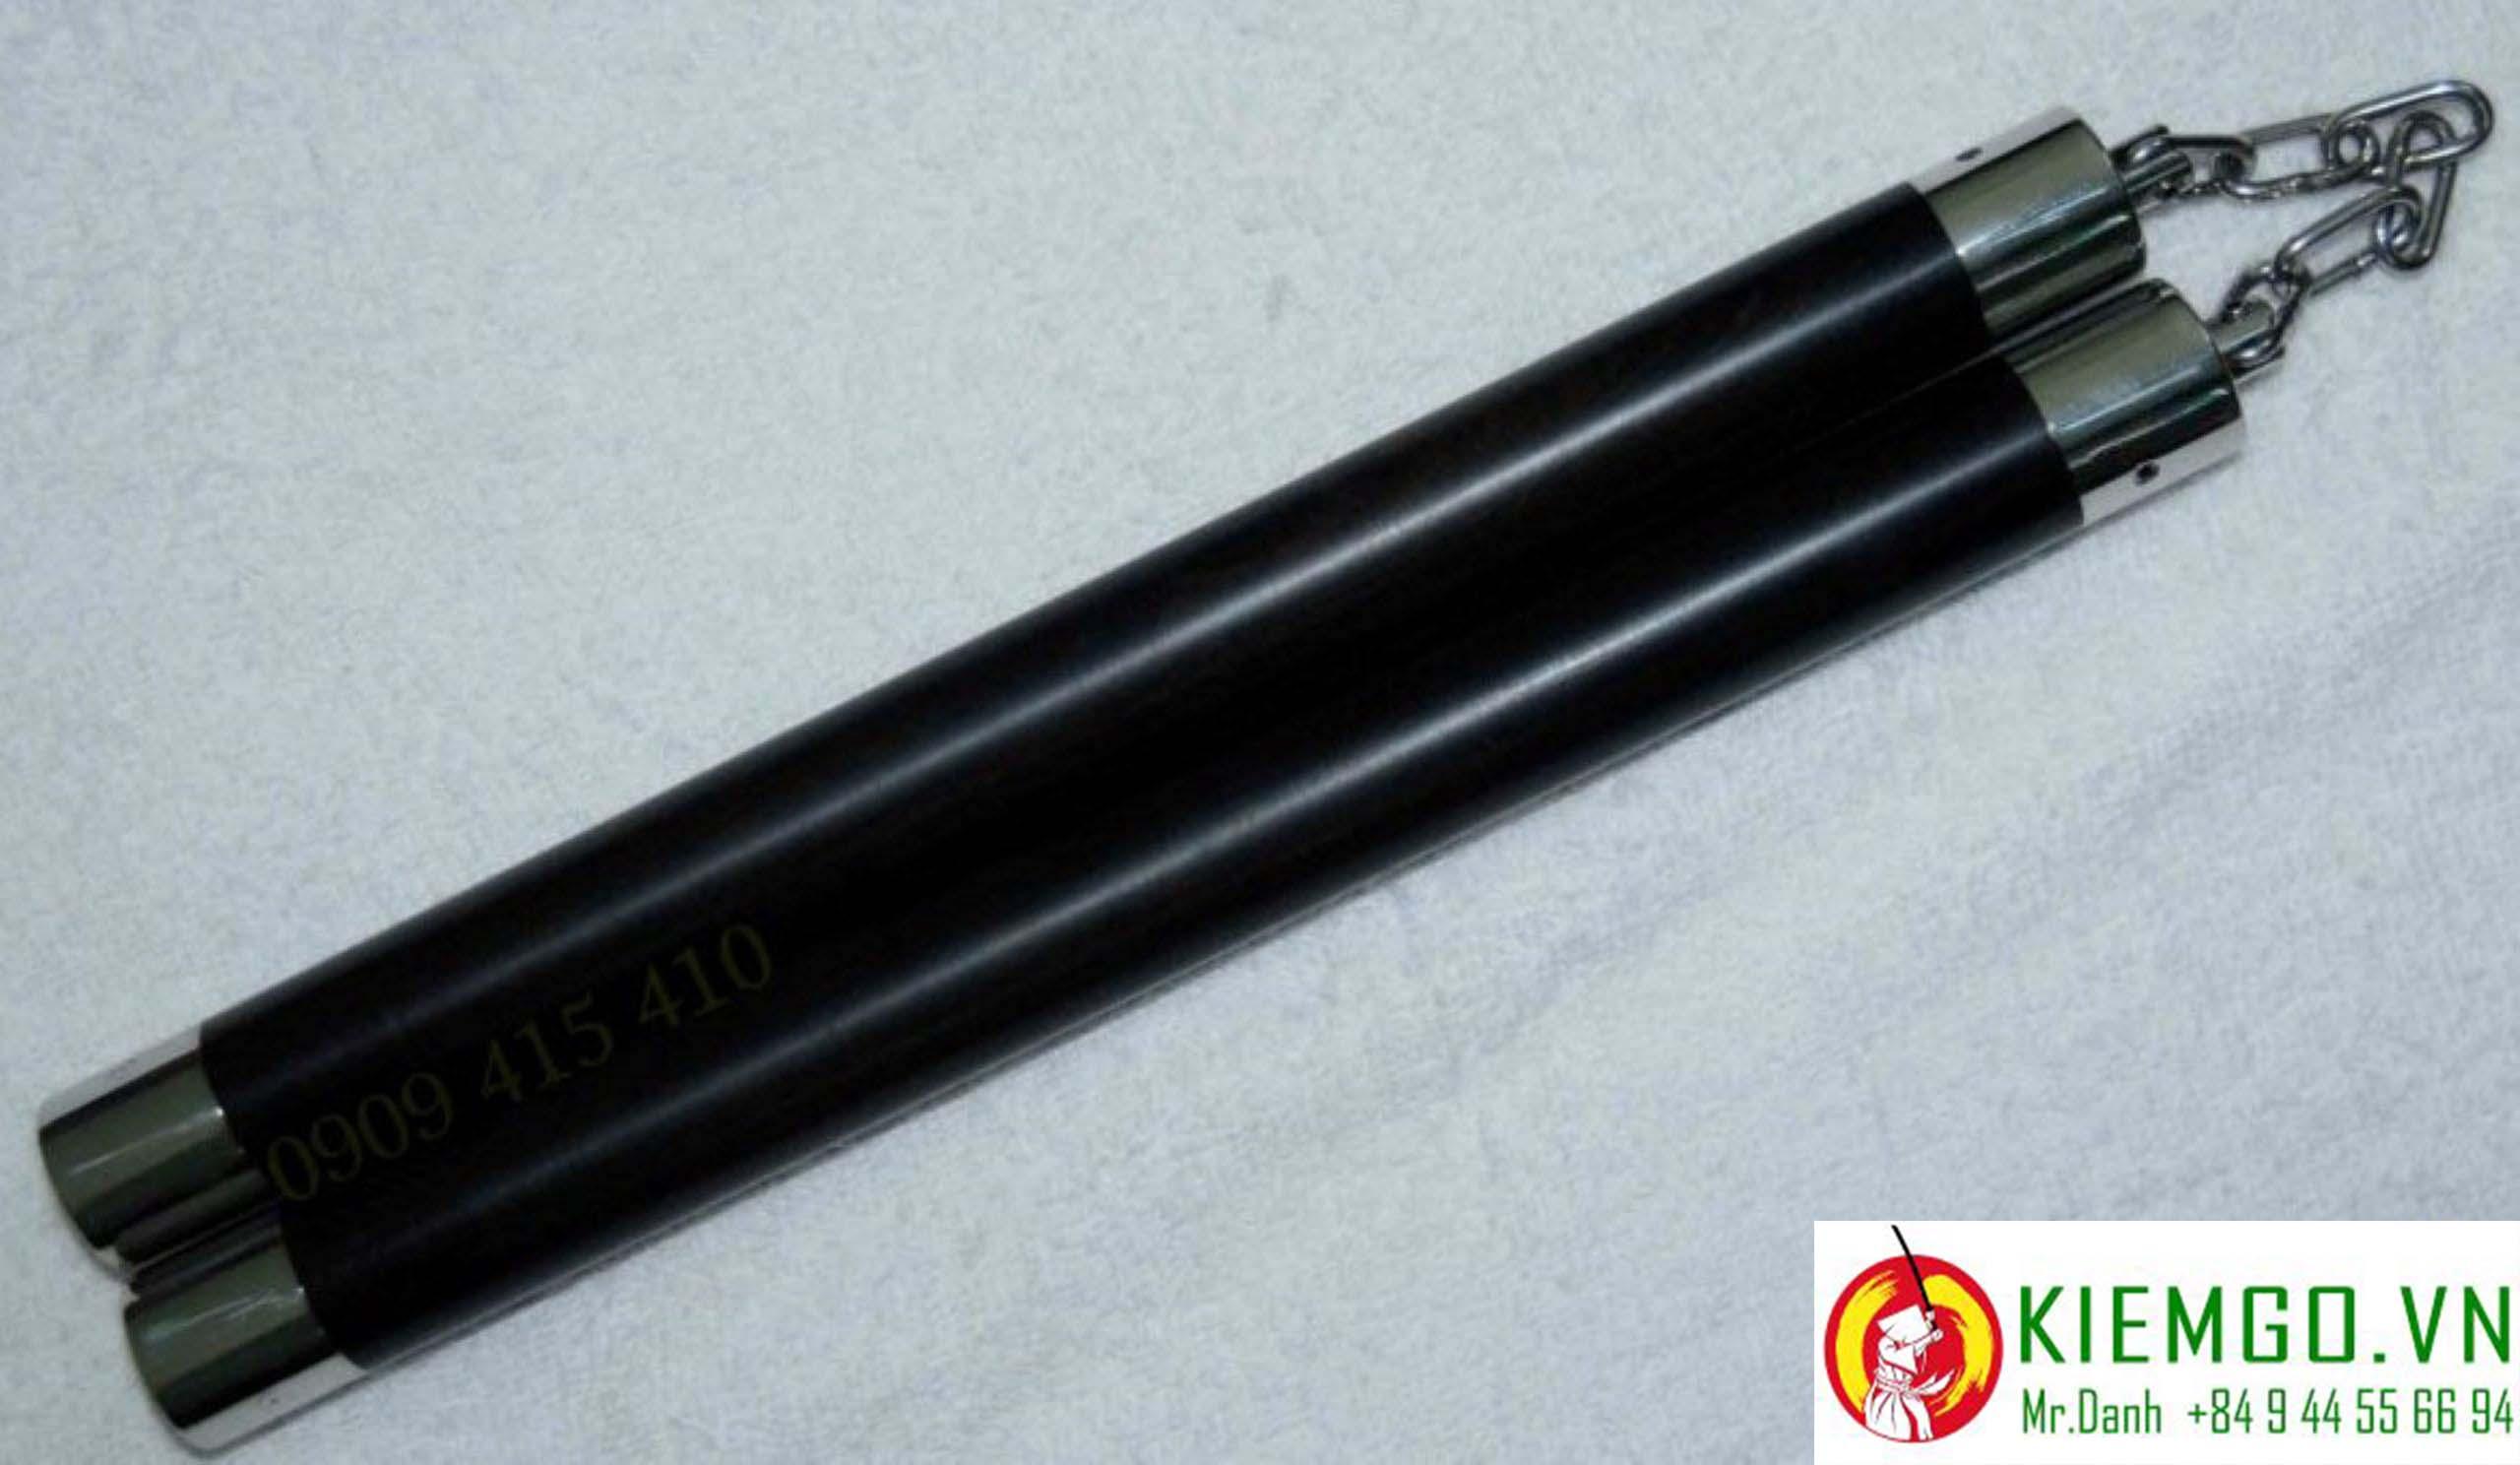 con-nhi-khuc-go-mun-sung bịt inox siêu đẹp, gỗ mun sừng quý hiếm của việt nam, gia công chuẩn sắc nét, tinh tế, dây xích khớp xoay linh hoạt cực kỳ bền và chắc chắn